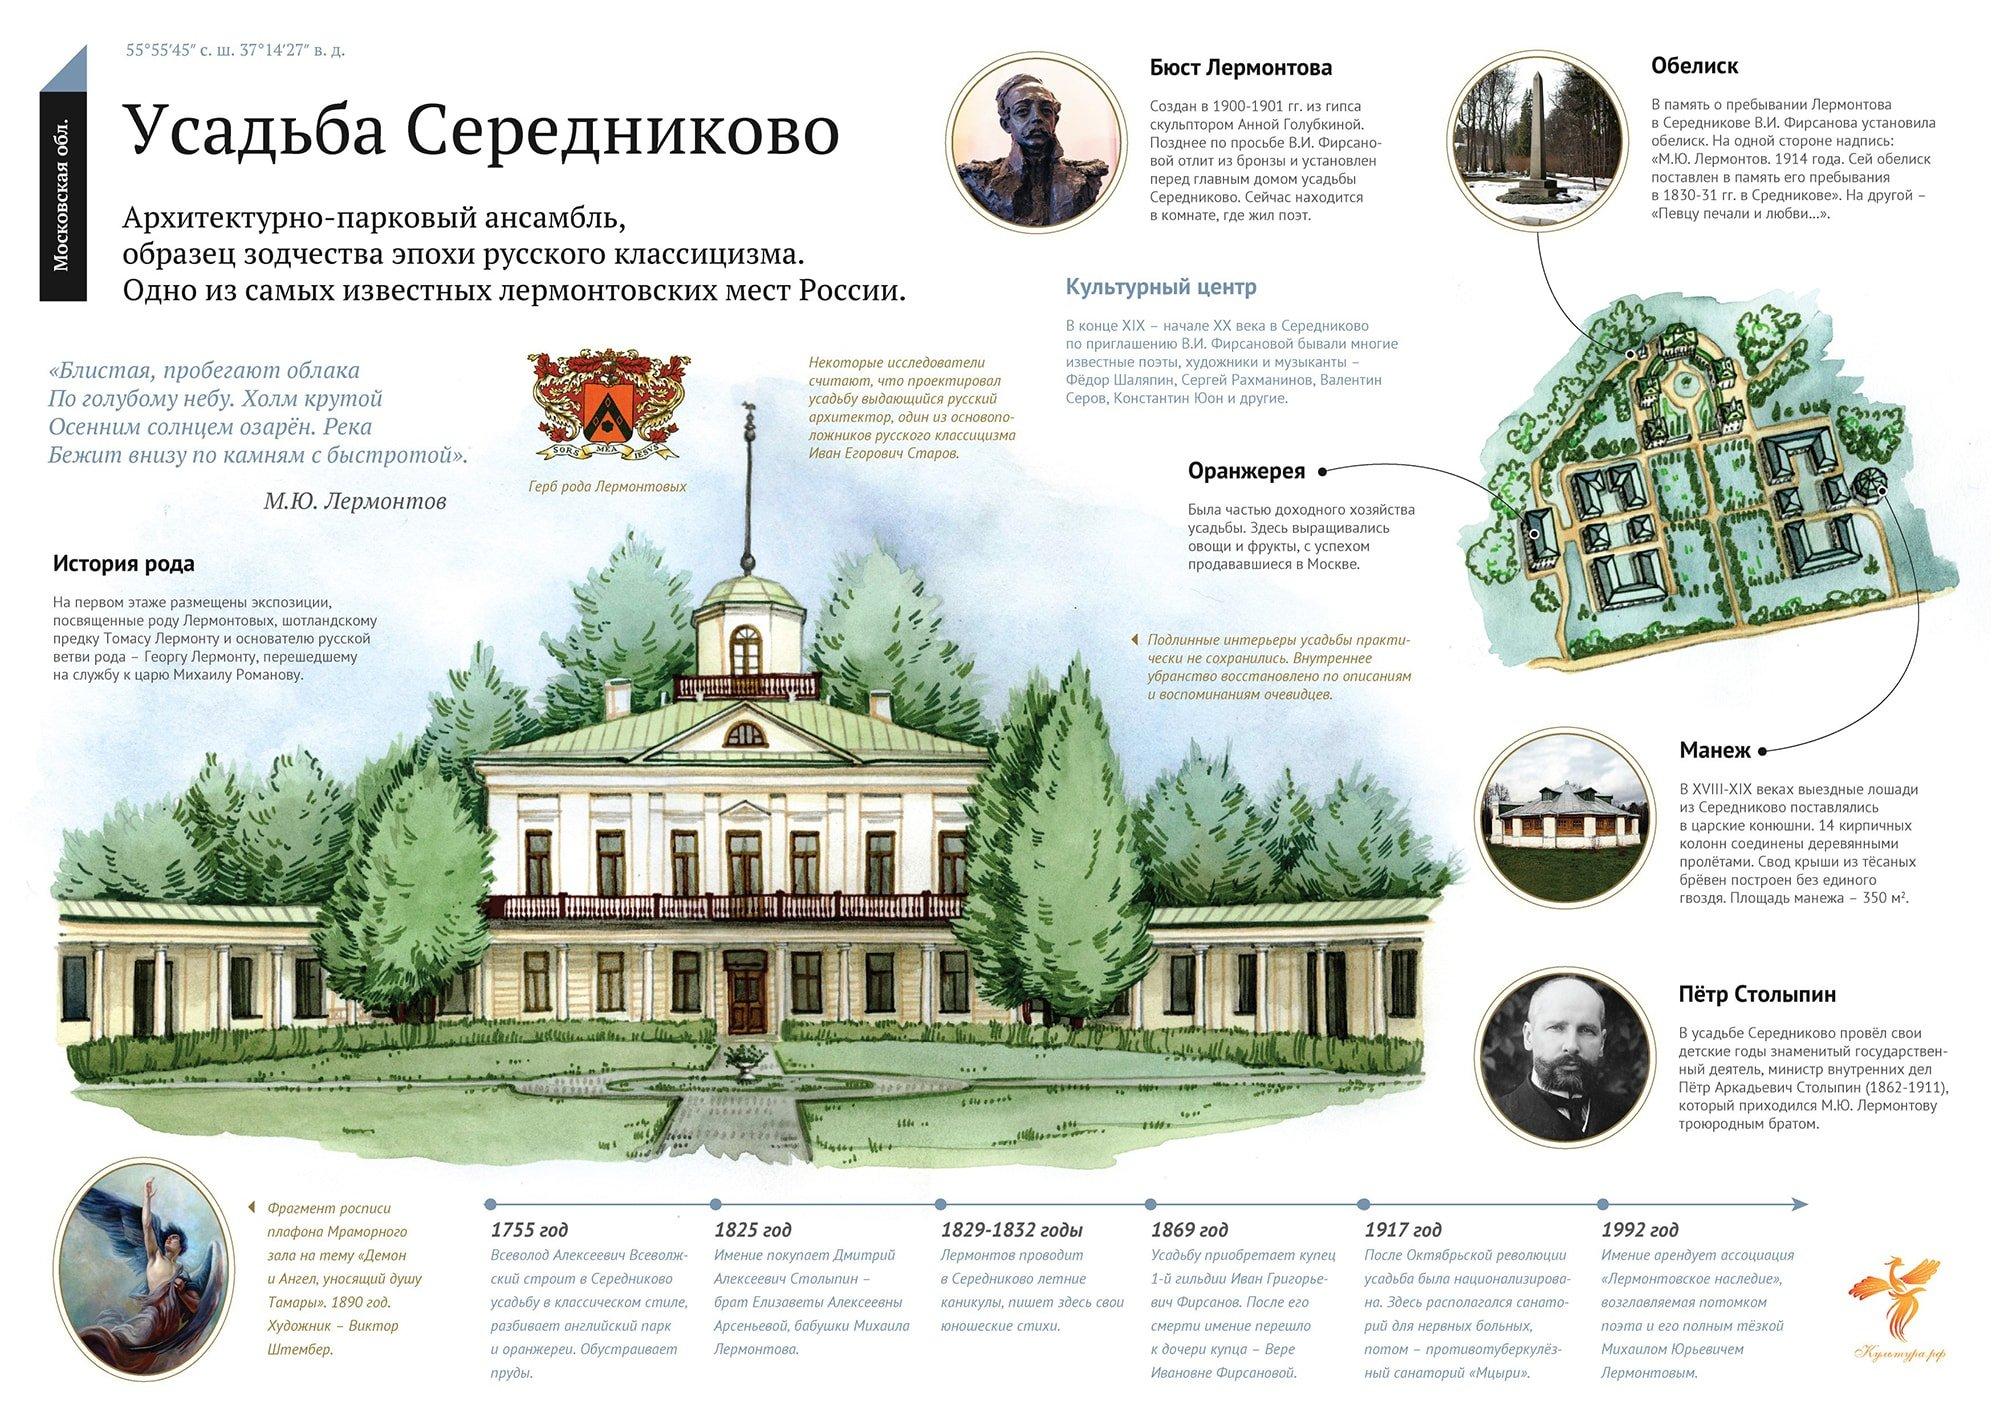 Инфографика. Источник: www.культура.рф